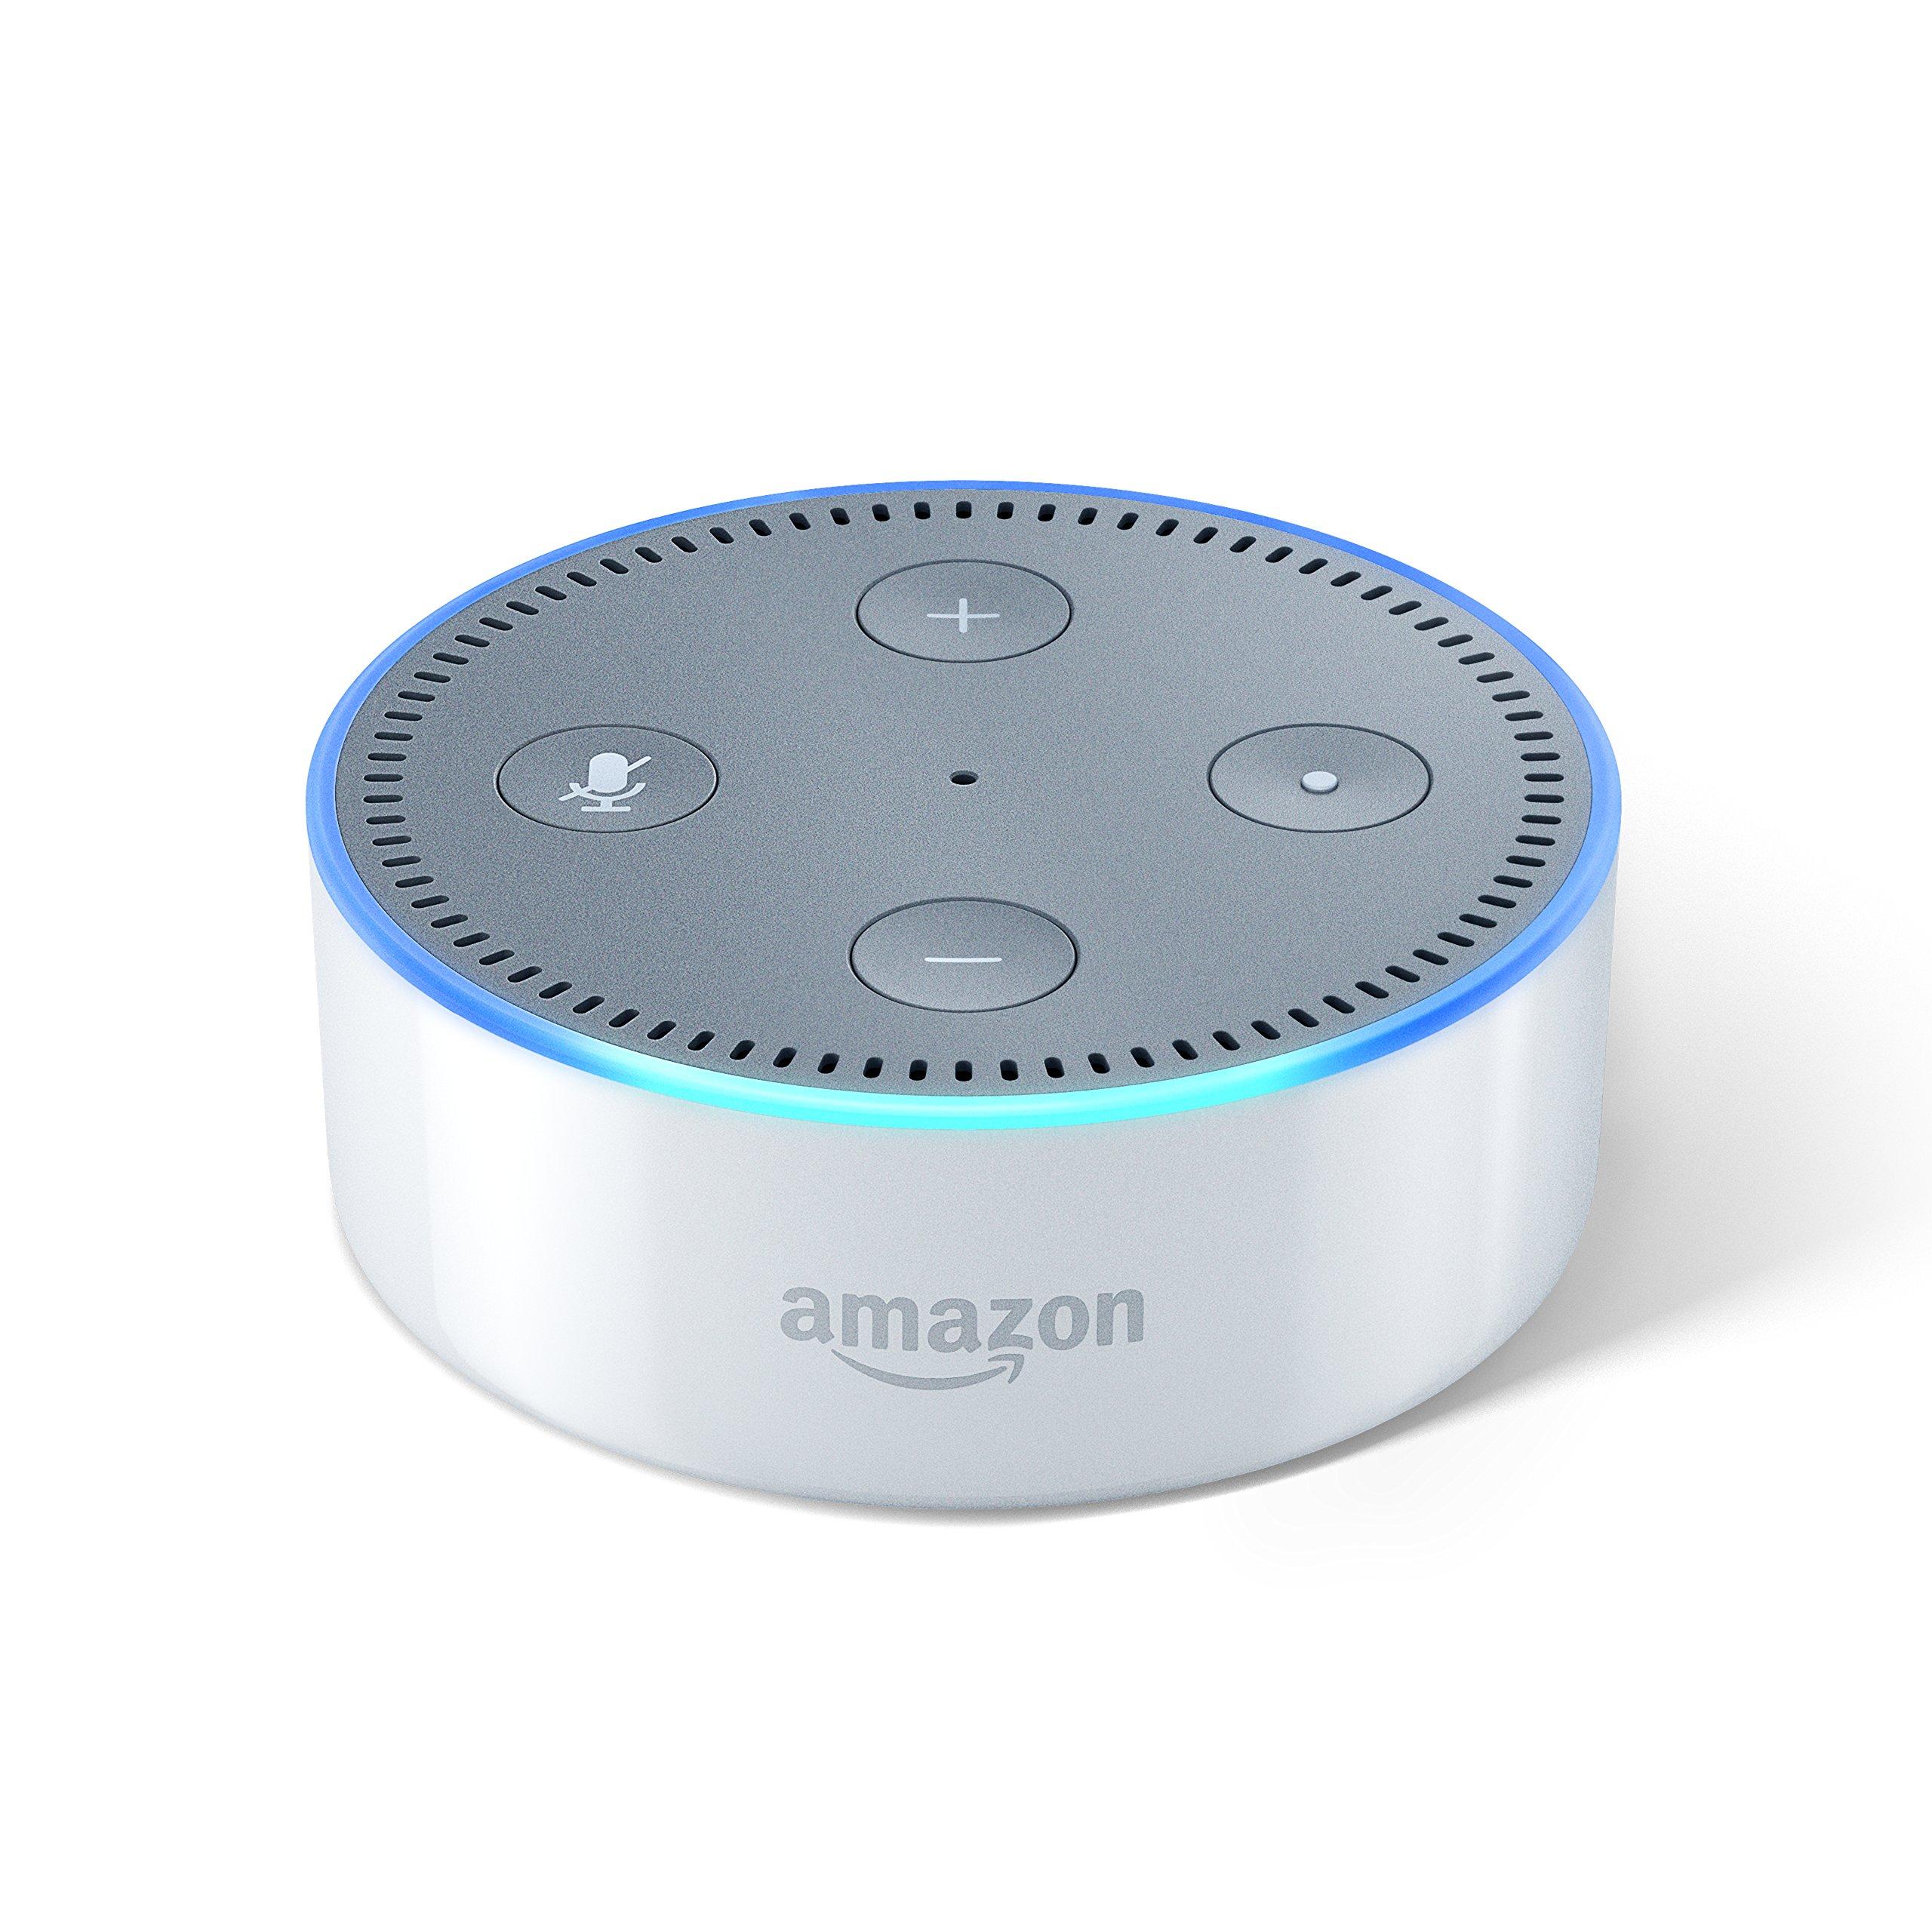 Echo Dot (エコードット) - スマートスピーカー with Alexa、ホワイト